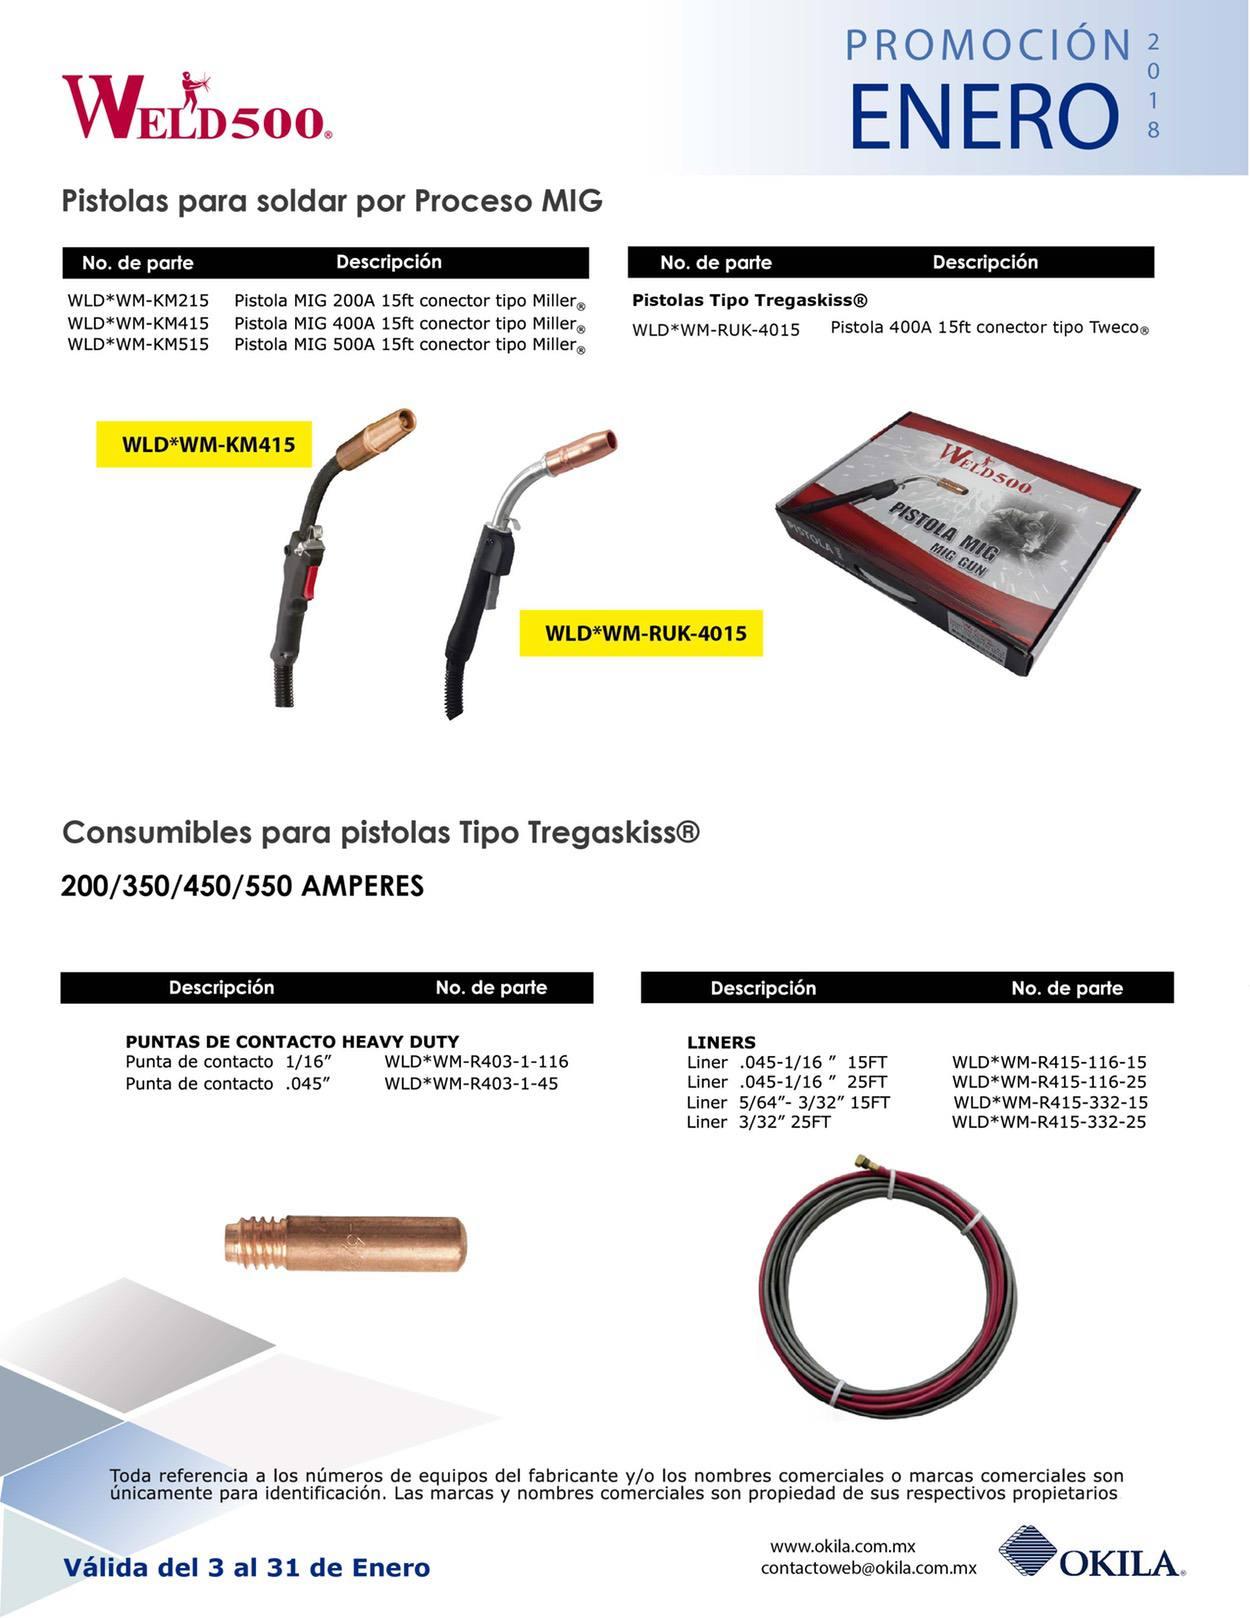 Pistolas para soldar por proceso Mig y Consumibles para pistolas Tipo Tregaskiss